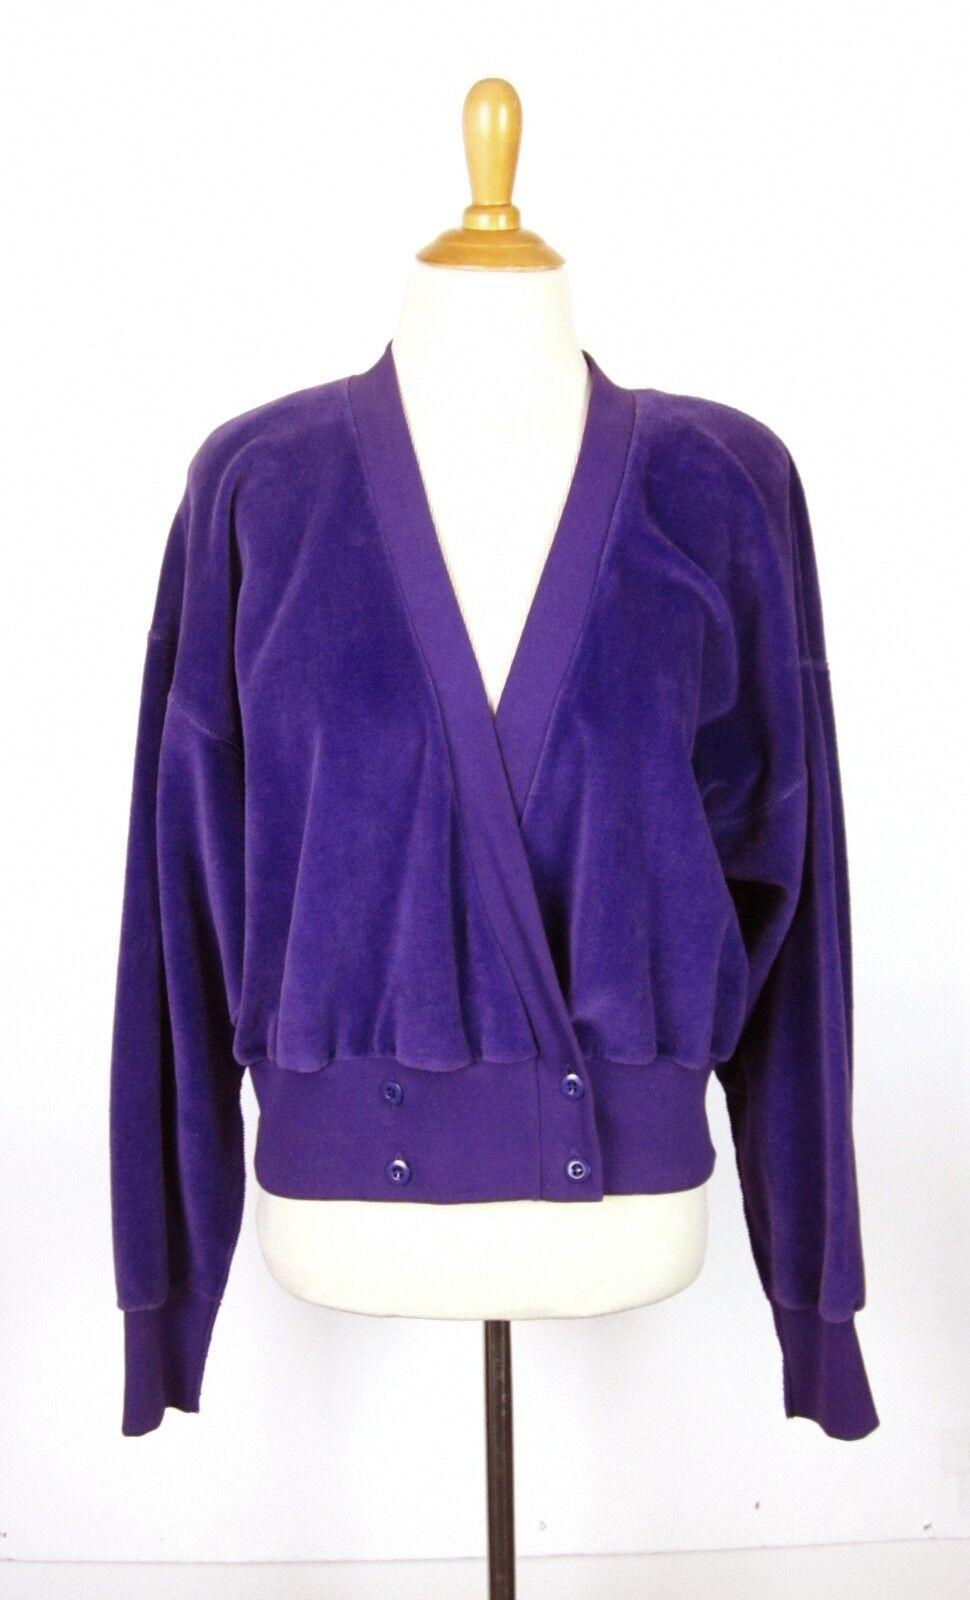 Vintage 80s Sonia Rykiel Purple Velour Sweatshirt Cardigan M L L L Made in France d9a4d9